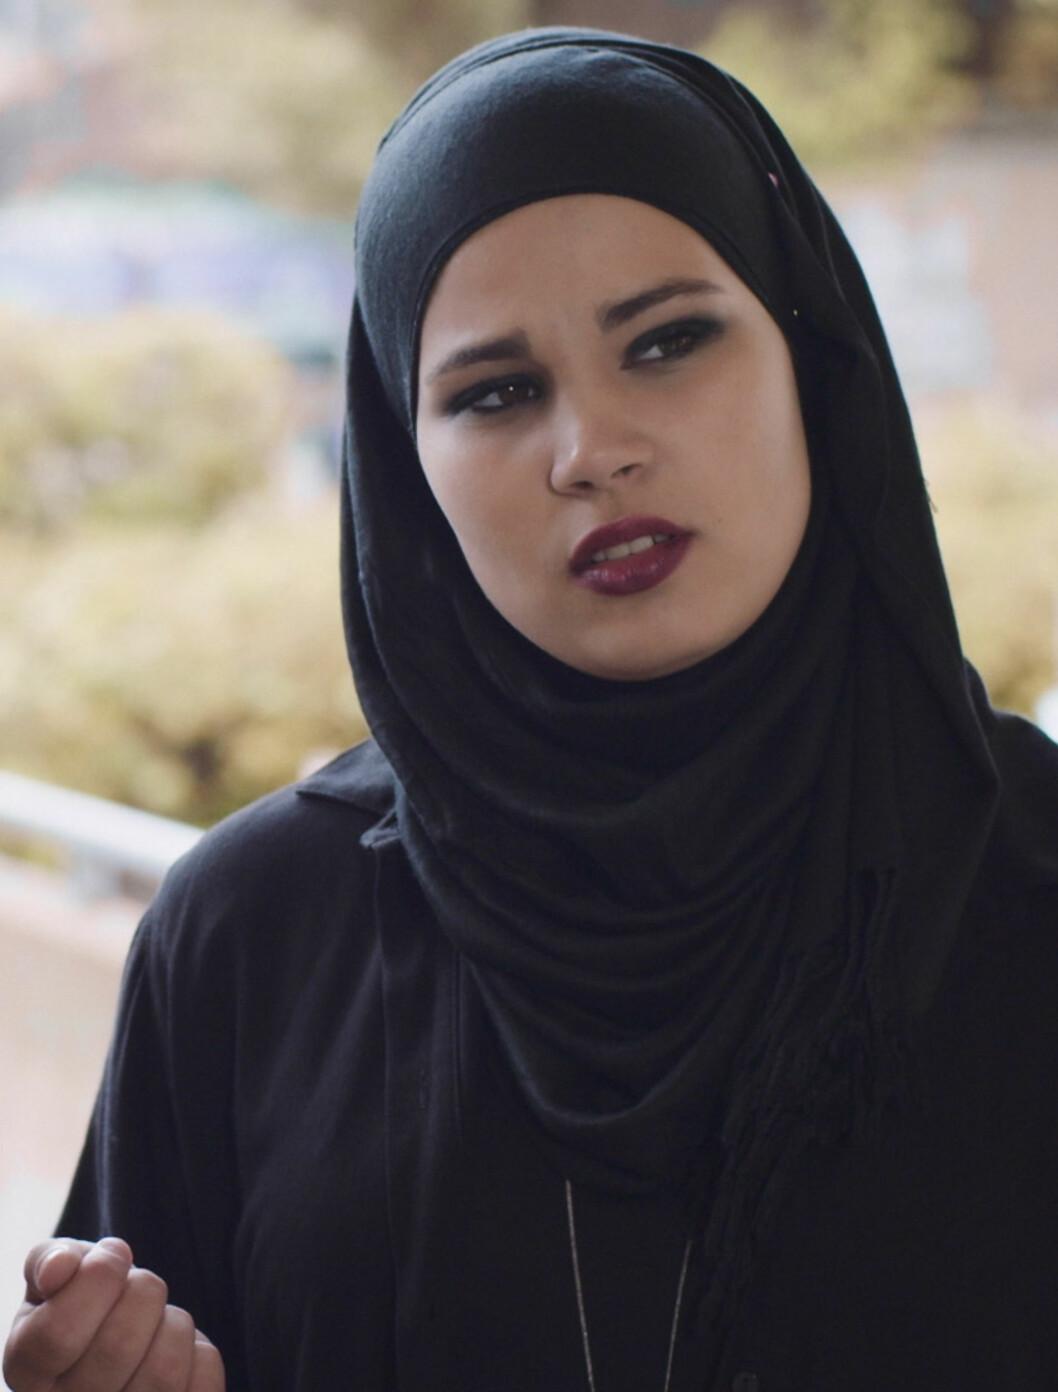 <strong>SANA:</strong> Rollefiguren Sana Bakkoush (Iman Meskini) har ofte en tøff «look» med markert øyensminke og fargesterk leppestift, som står i stil til den sorte hijaben hennes.  Foto: NRK